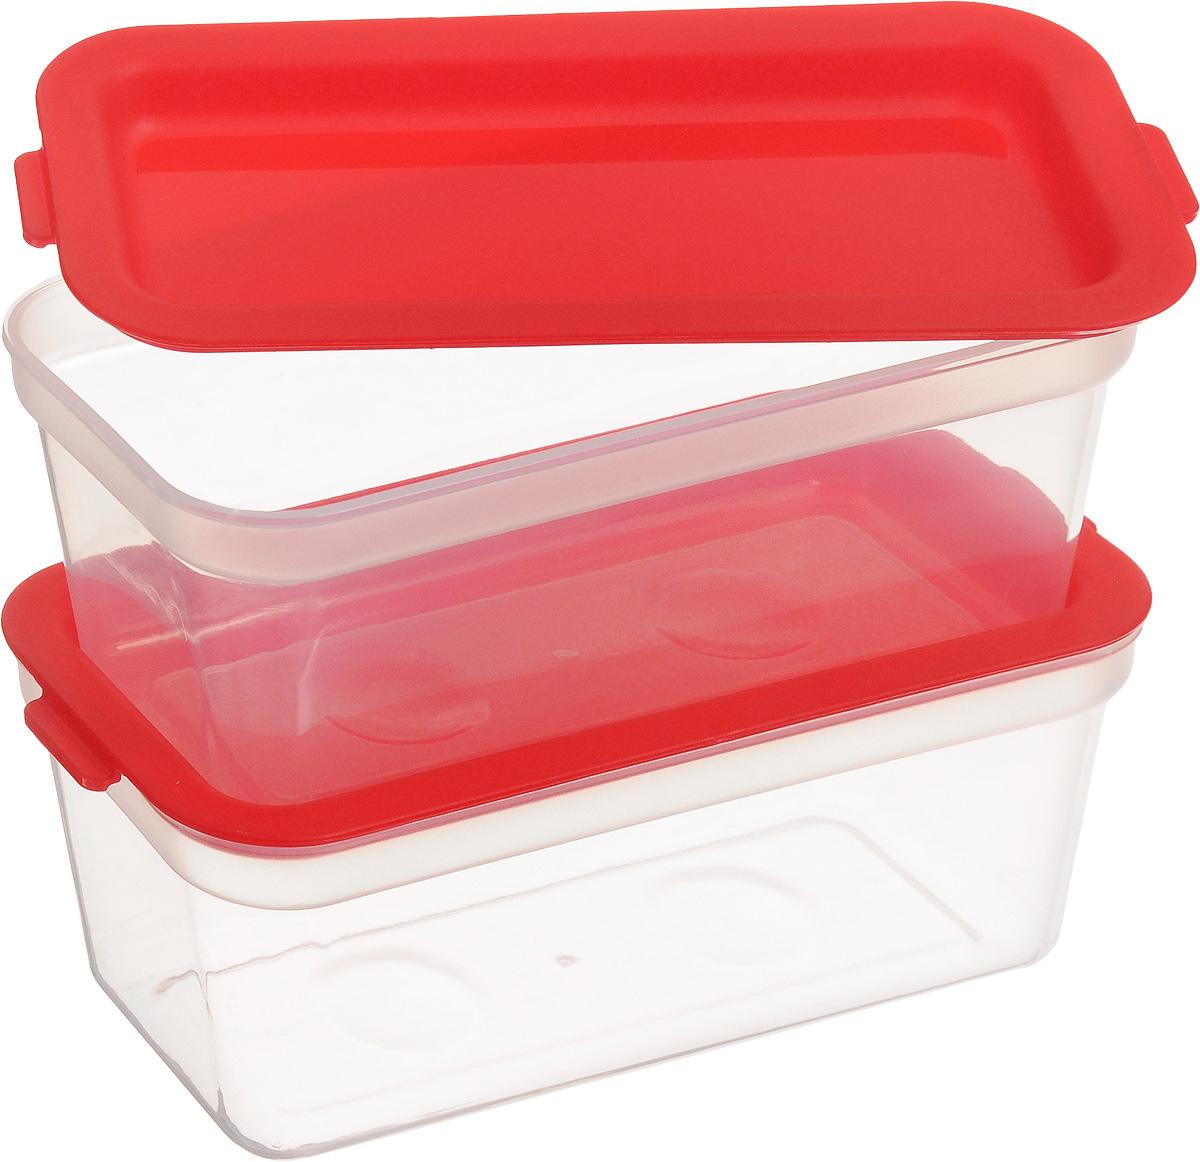 Набор контейнеров для заморозки Tescoma Purity, цвет: красный, прозрачный, 300 мл, 2 шт4630003364517Набор Tescoma Purity, выполненный извысококачественного пищевогопрозрачного пластика, состоит из двухконтейнеров. Изделия предназначены дляхранения и транспортировки пищи.Крышки легко открываются и плотнозакрываются с помощью легкого щелчка.Контейнеры удобно складываются друг в друга,что экономит пространство прихранении в шкафу.Подходят длязаморозки и для использования в микроволновойпечи без крышки.Можно мыть в посудомоечной машине. Объем контейнера: 300 мл.Размеры: 13,5 х 6,5 х 6 см.